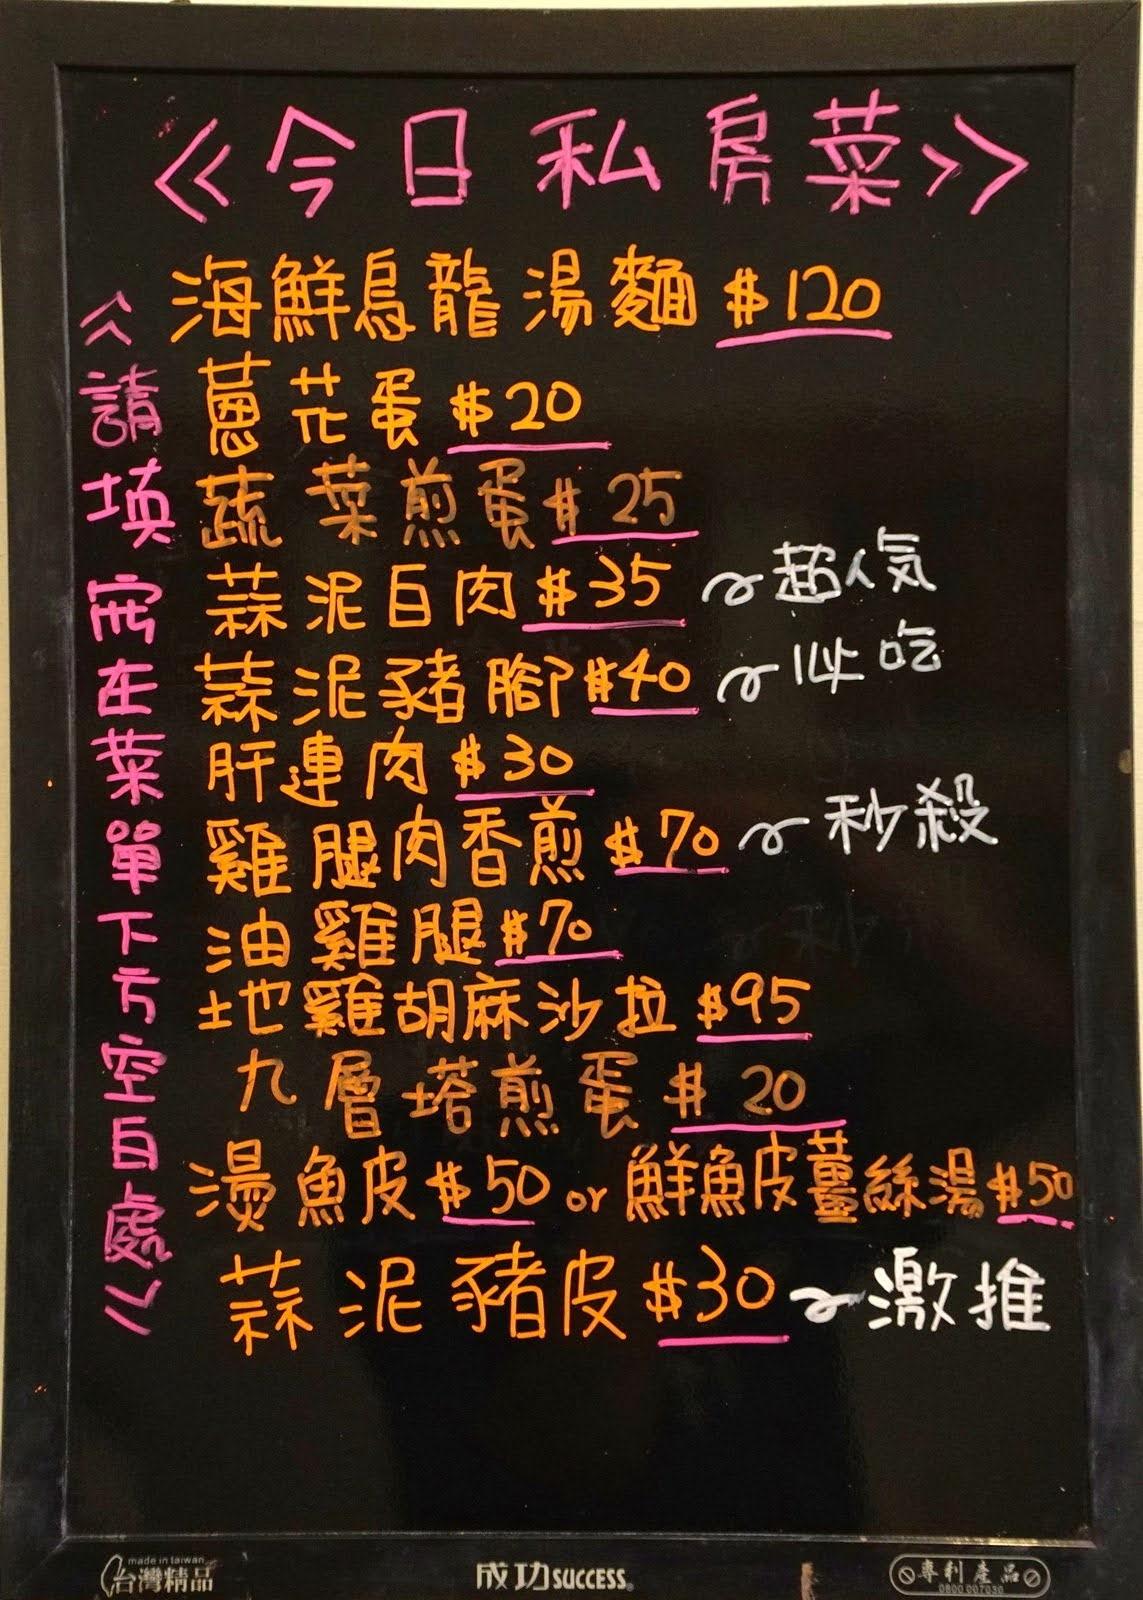 町昌肉燥飯今日菜單